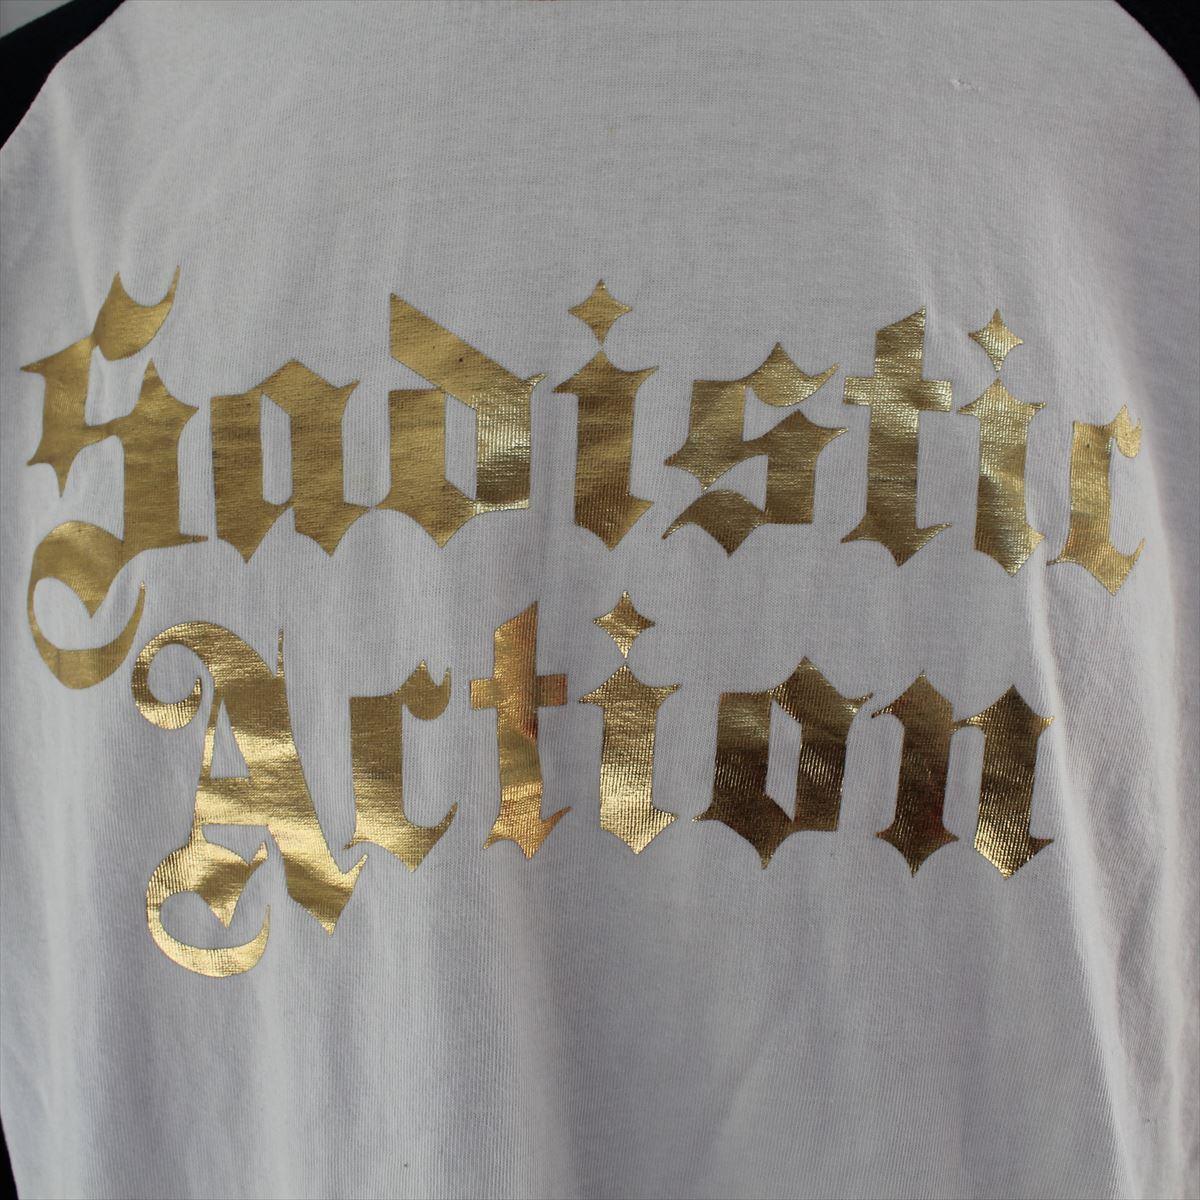 サディスティックアクション SADISTIC ACTION メンズ長袖Tシャツ Lサイズ NO32 新品_画像3